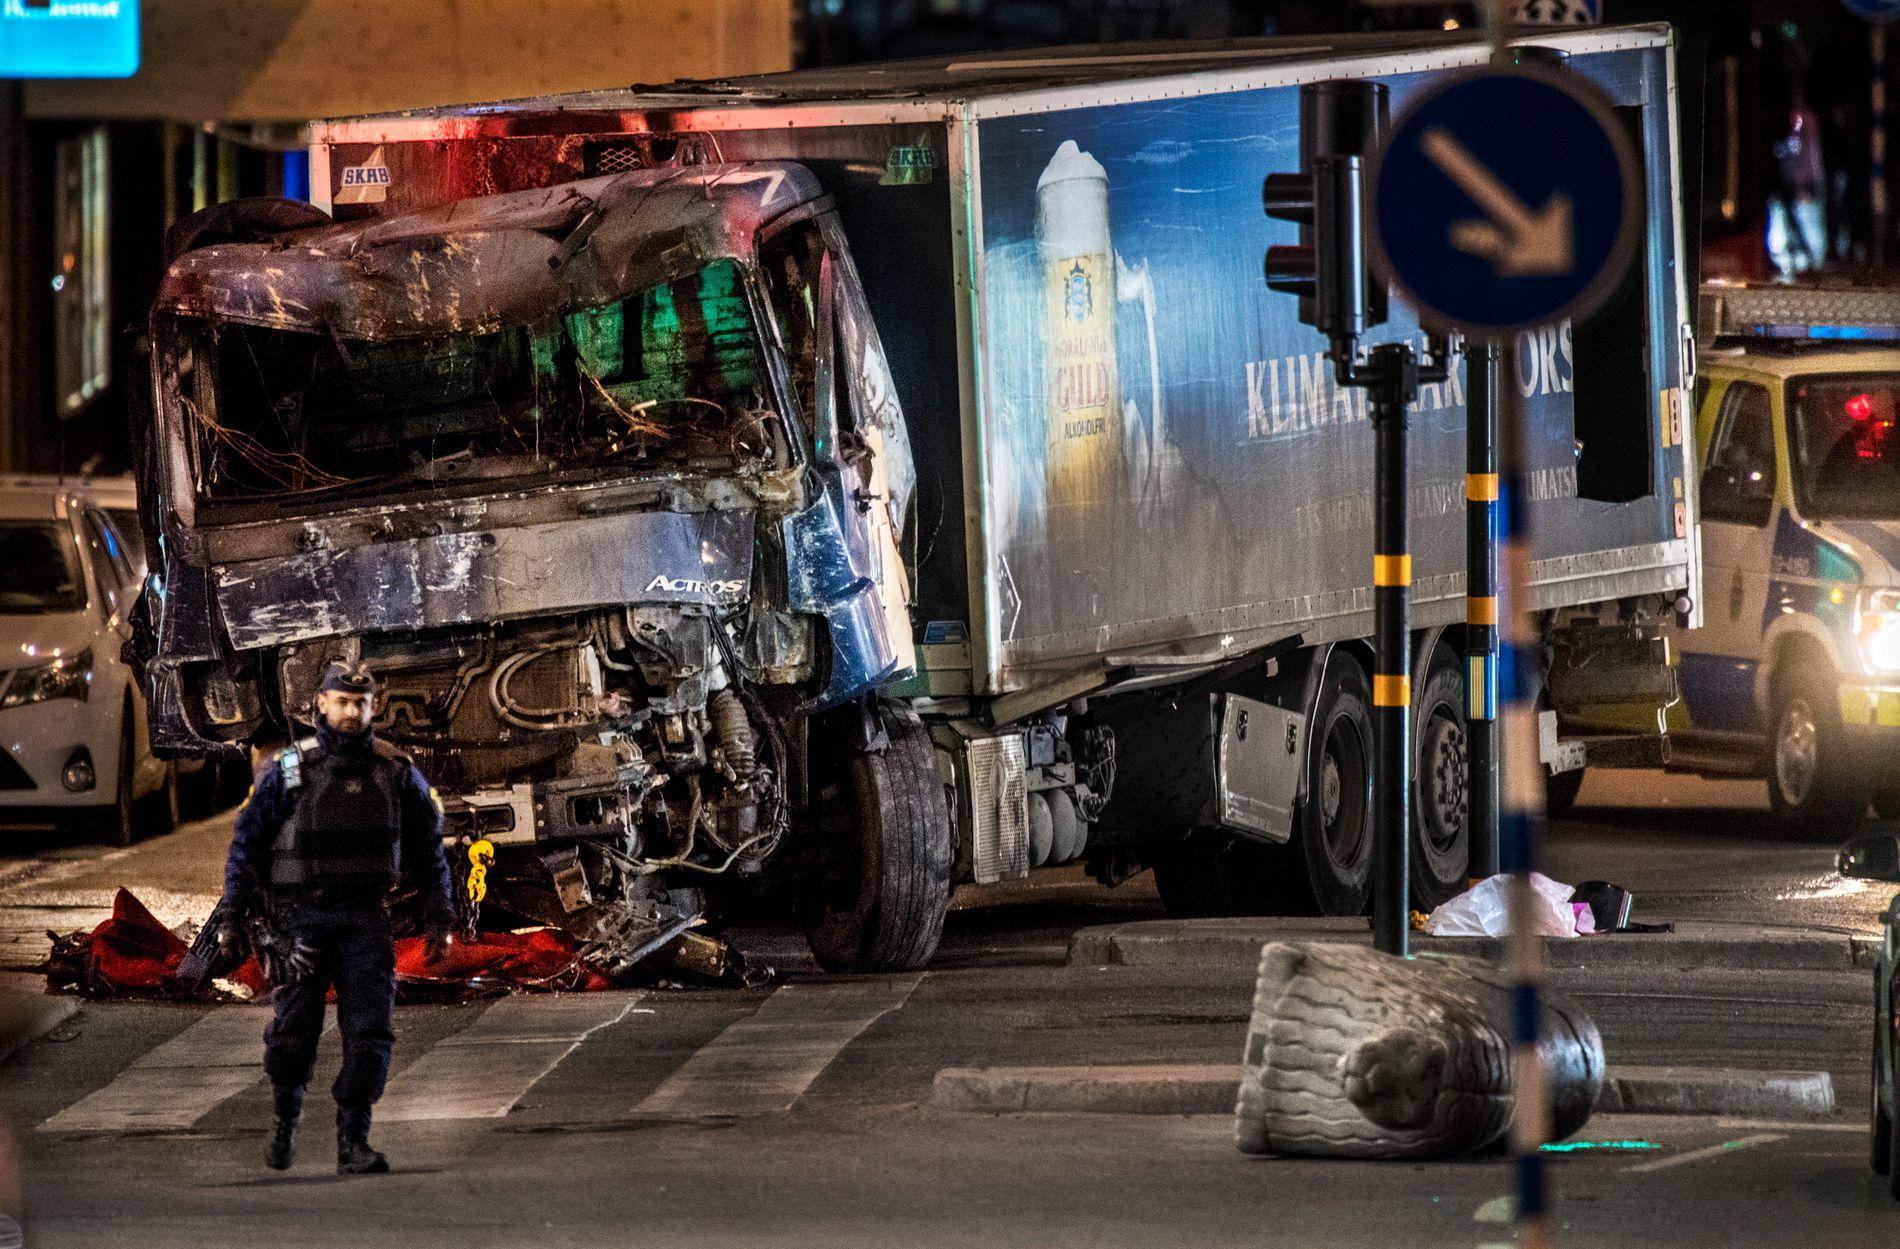 DRAPSVÅPENET: Med denne lastebilen kjørte gjerningsmannen ned flere mennesker i en gågate i Stockholm, før den krasjet inn i kjøpesenteret Åhléns City fredag. Foto: HELGE MIKALSEN, VG